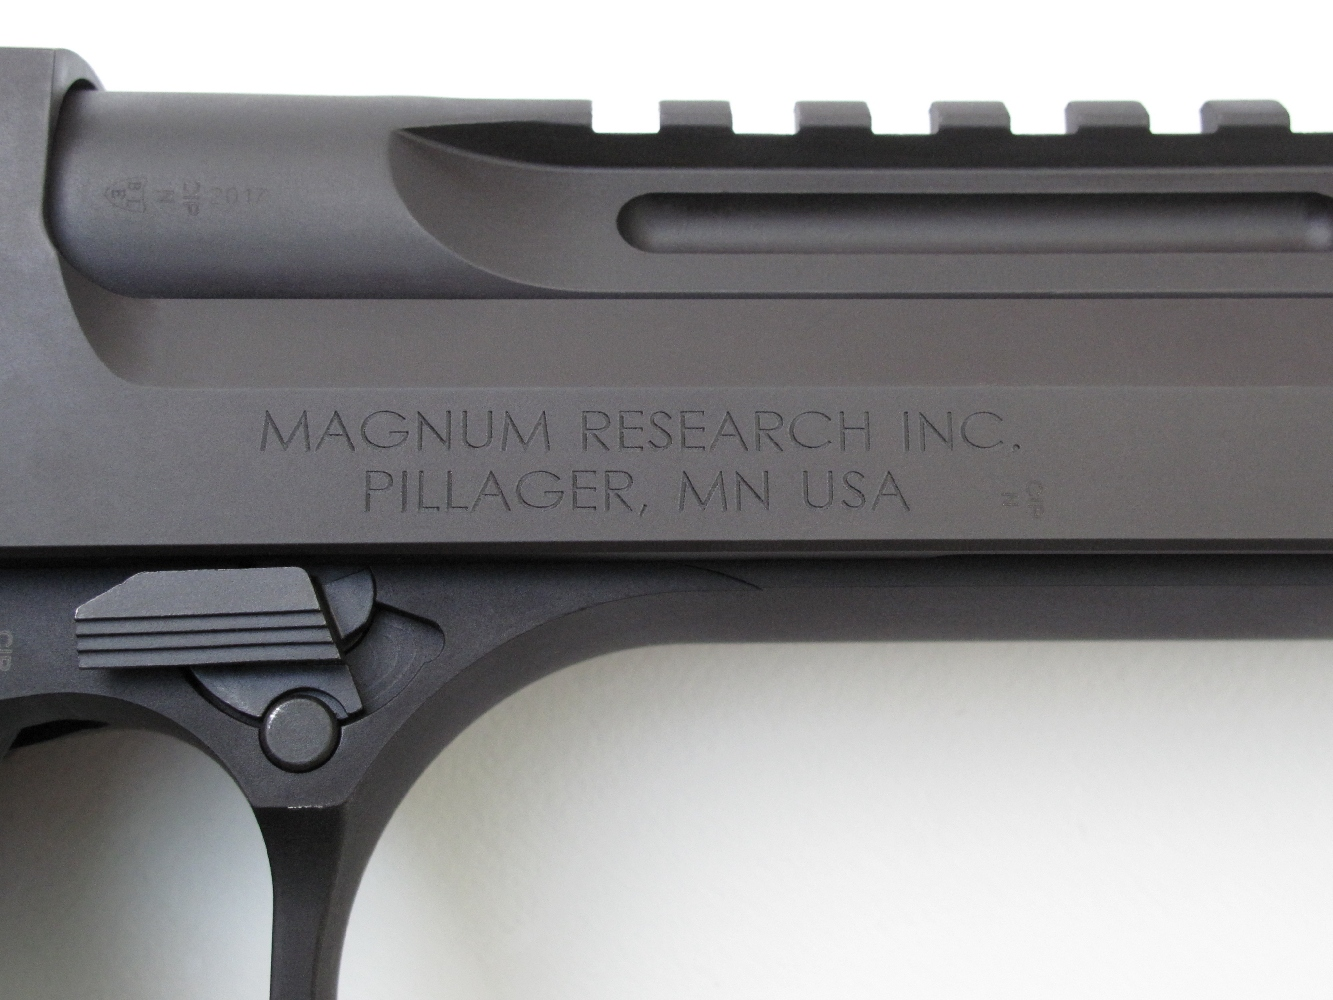 Le nom et l'adresse de la firme américaine Magnum Research, qui est à la fois concepteur et fabricant du pistolet Desert Eagle, sont gravés sur le côté droit de la glissière.